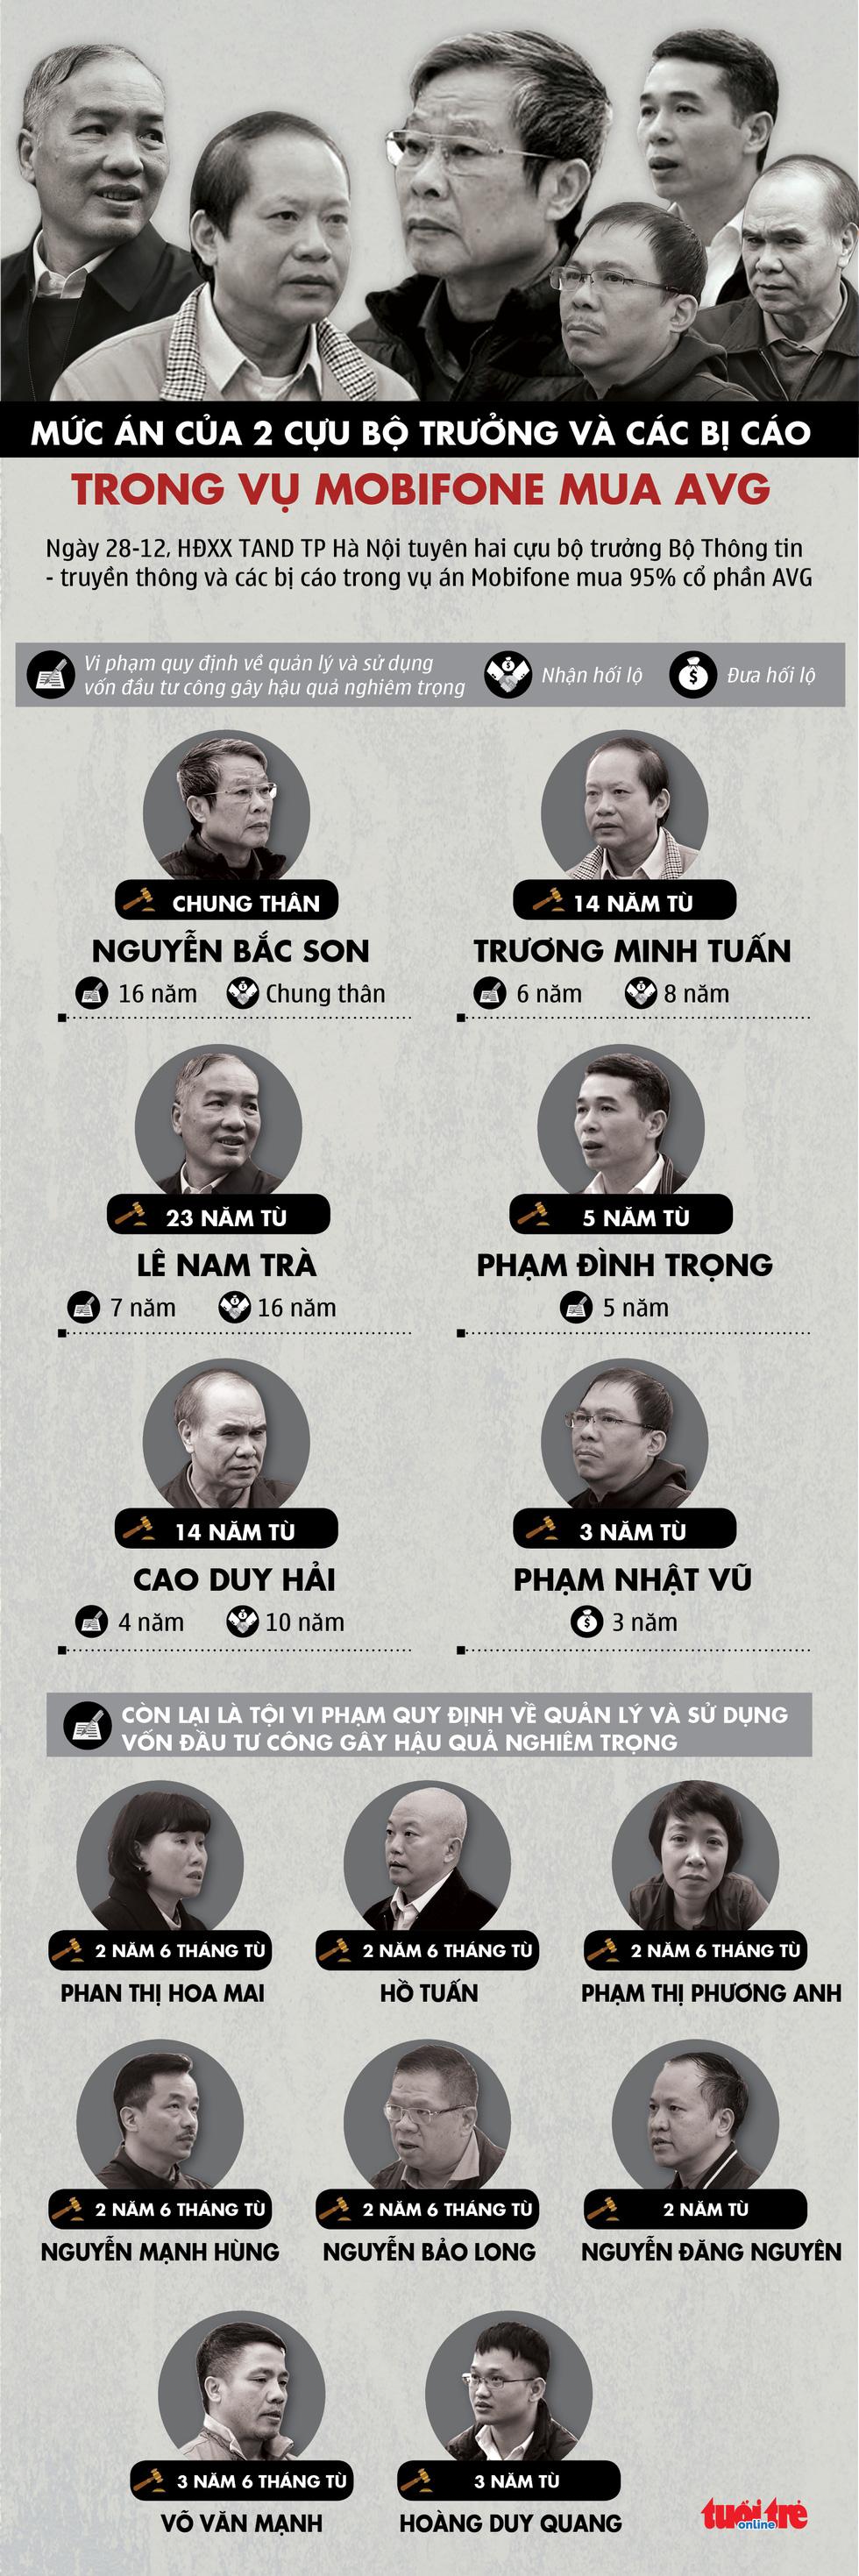 Toàn cảnh mức án của hai cựu bộ trưởng và các bị cáo trong vụ MobiFone mua AVG - Ảnh 1.